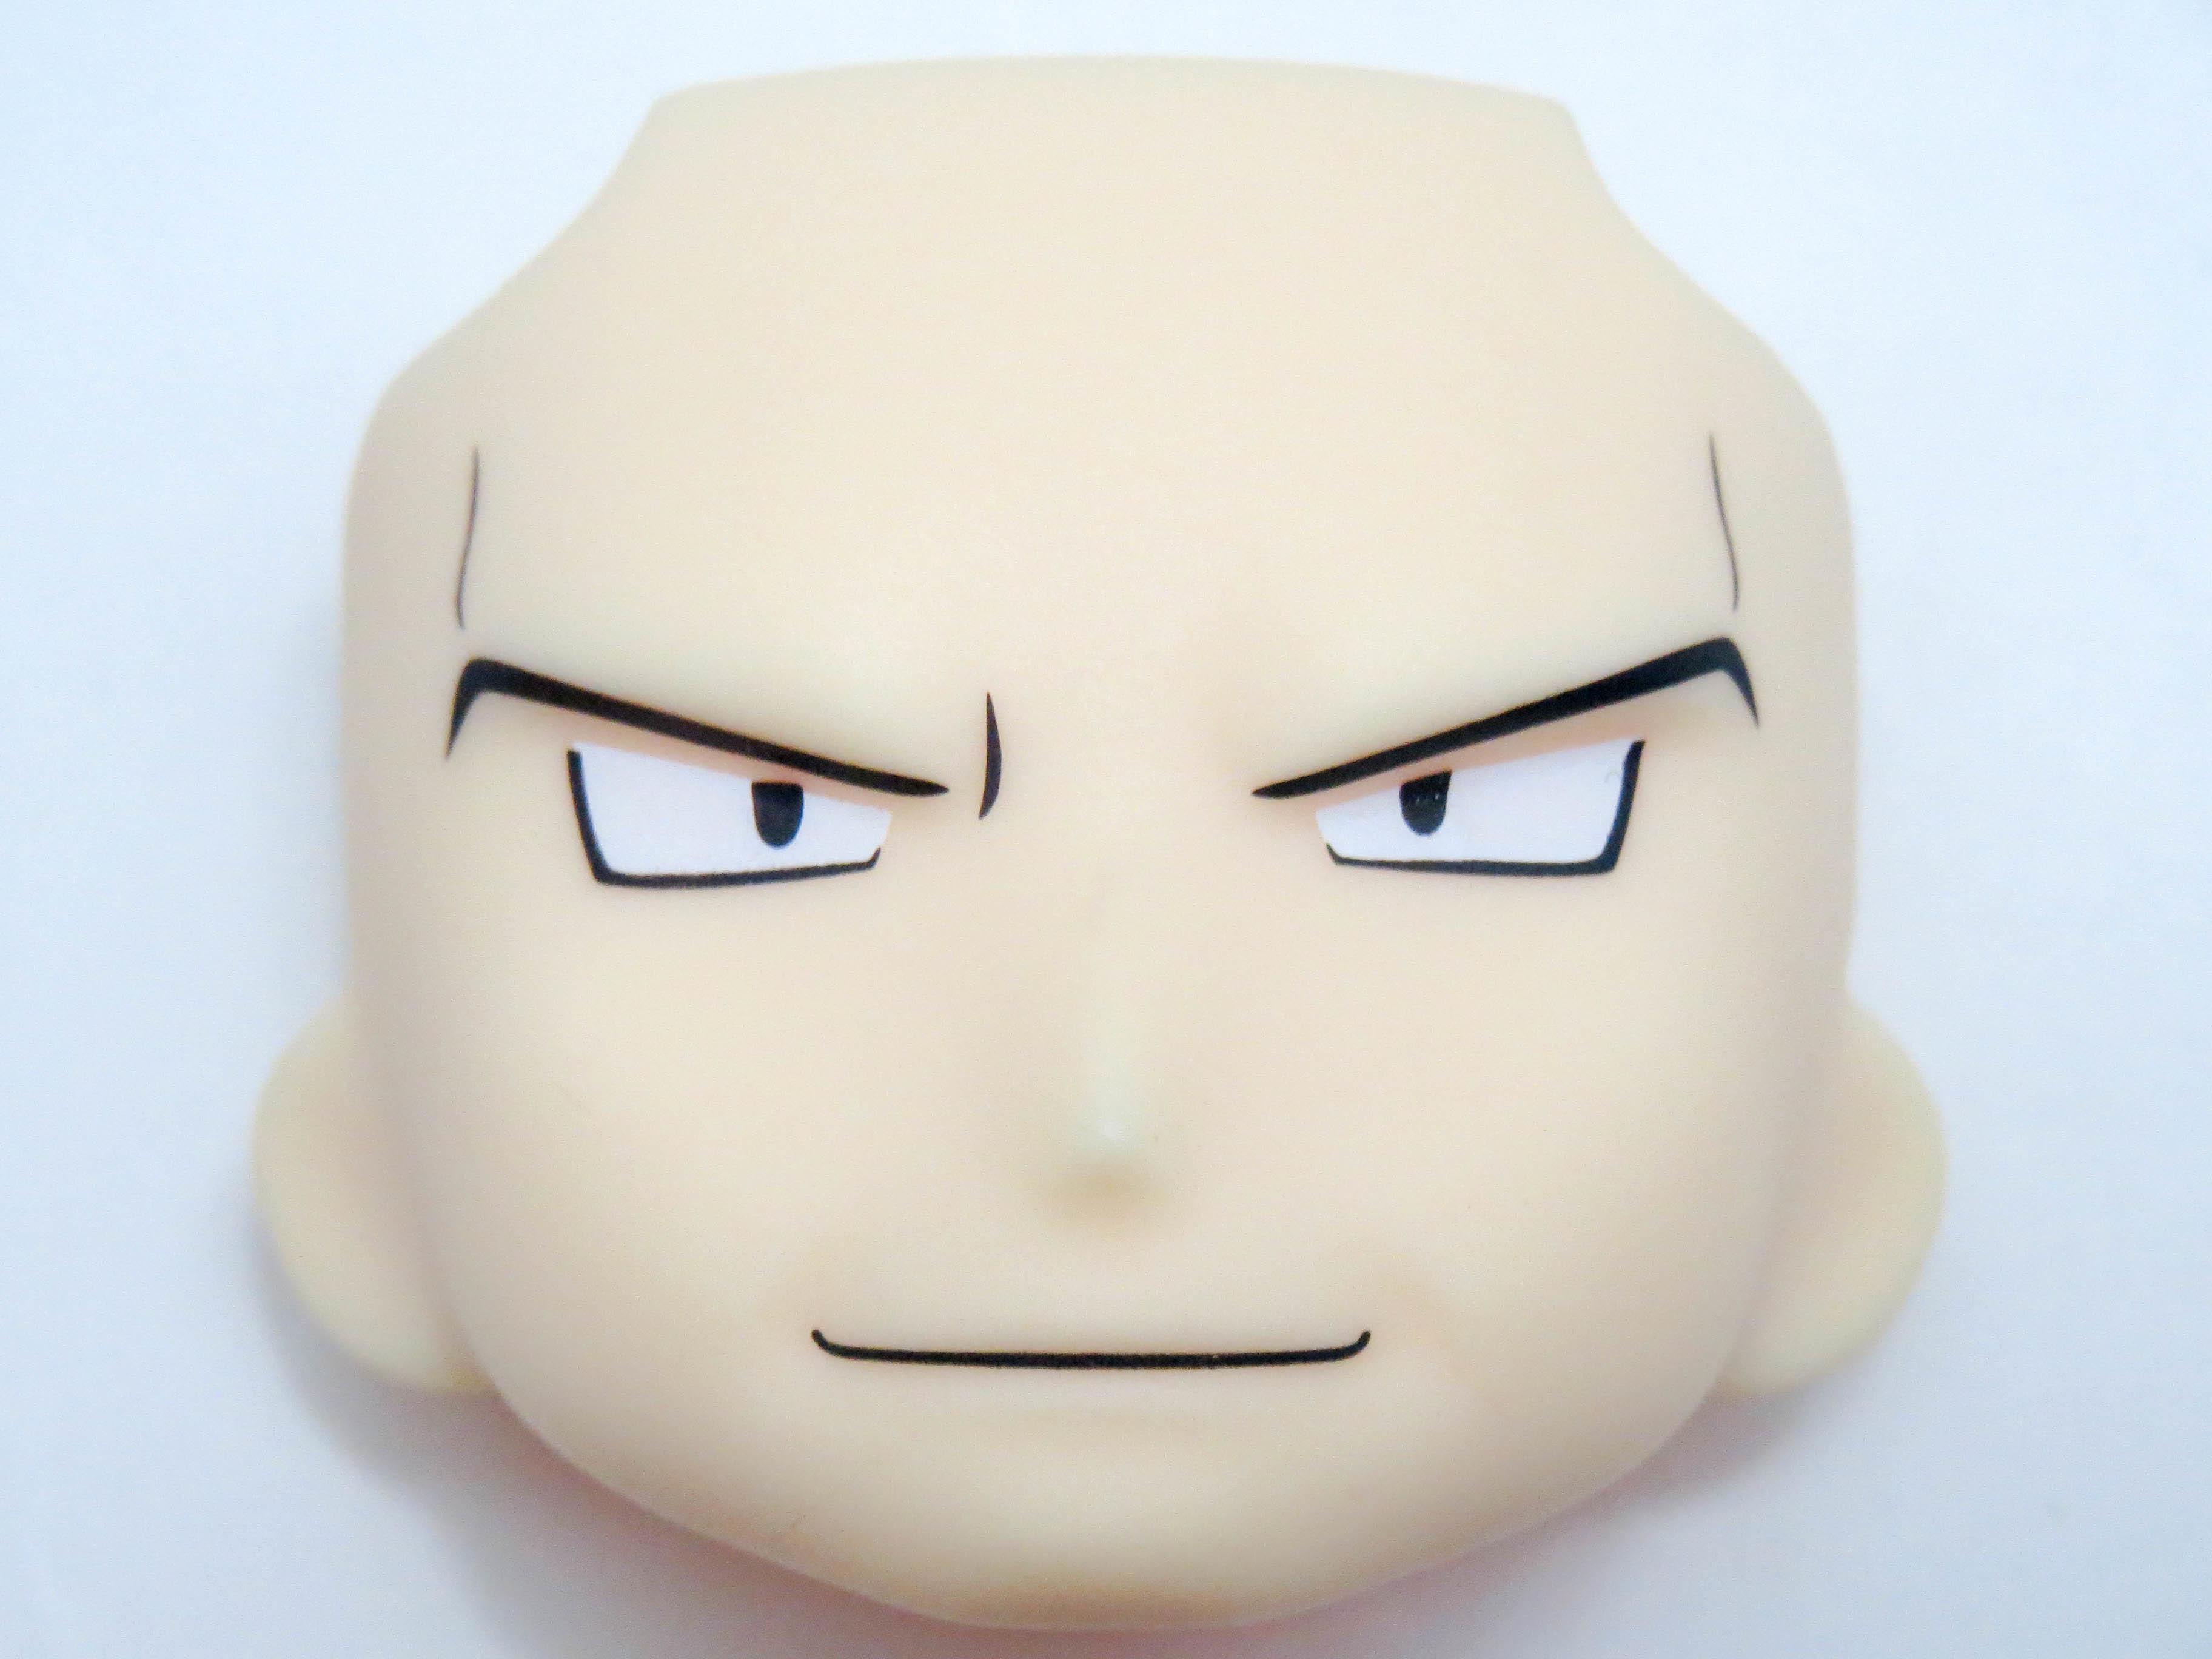 【SALE】【875】 サカキ 顔パーツ リアル顔 ねんどろいど